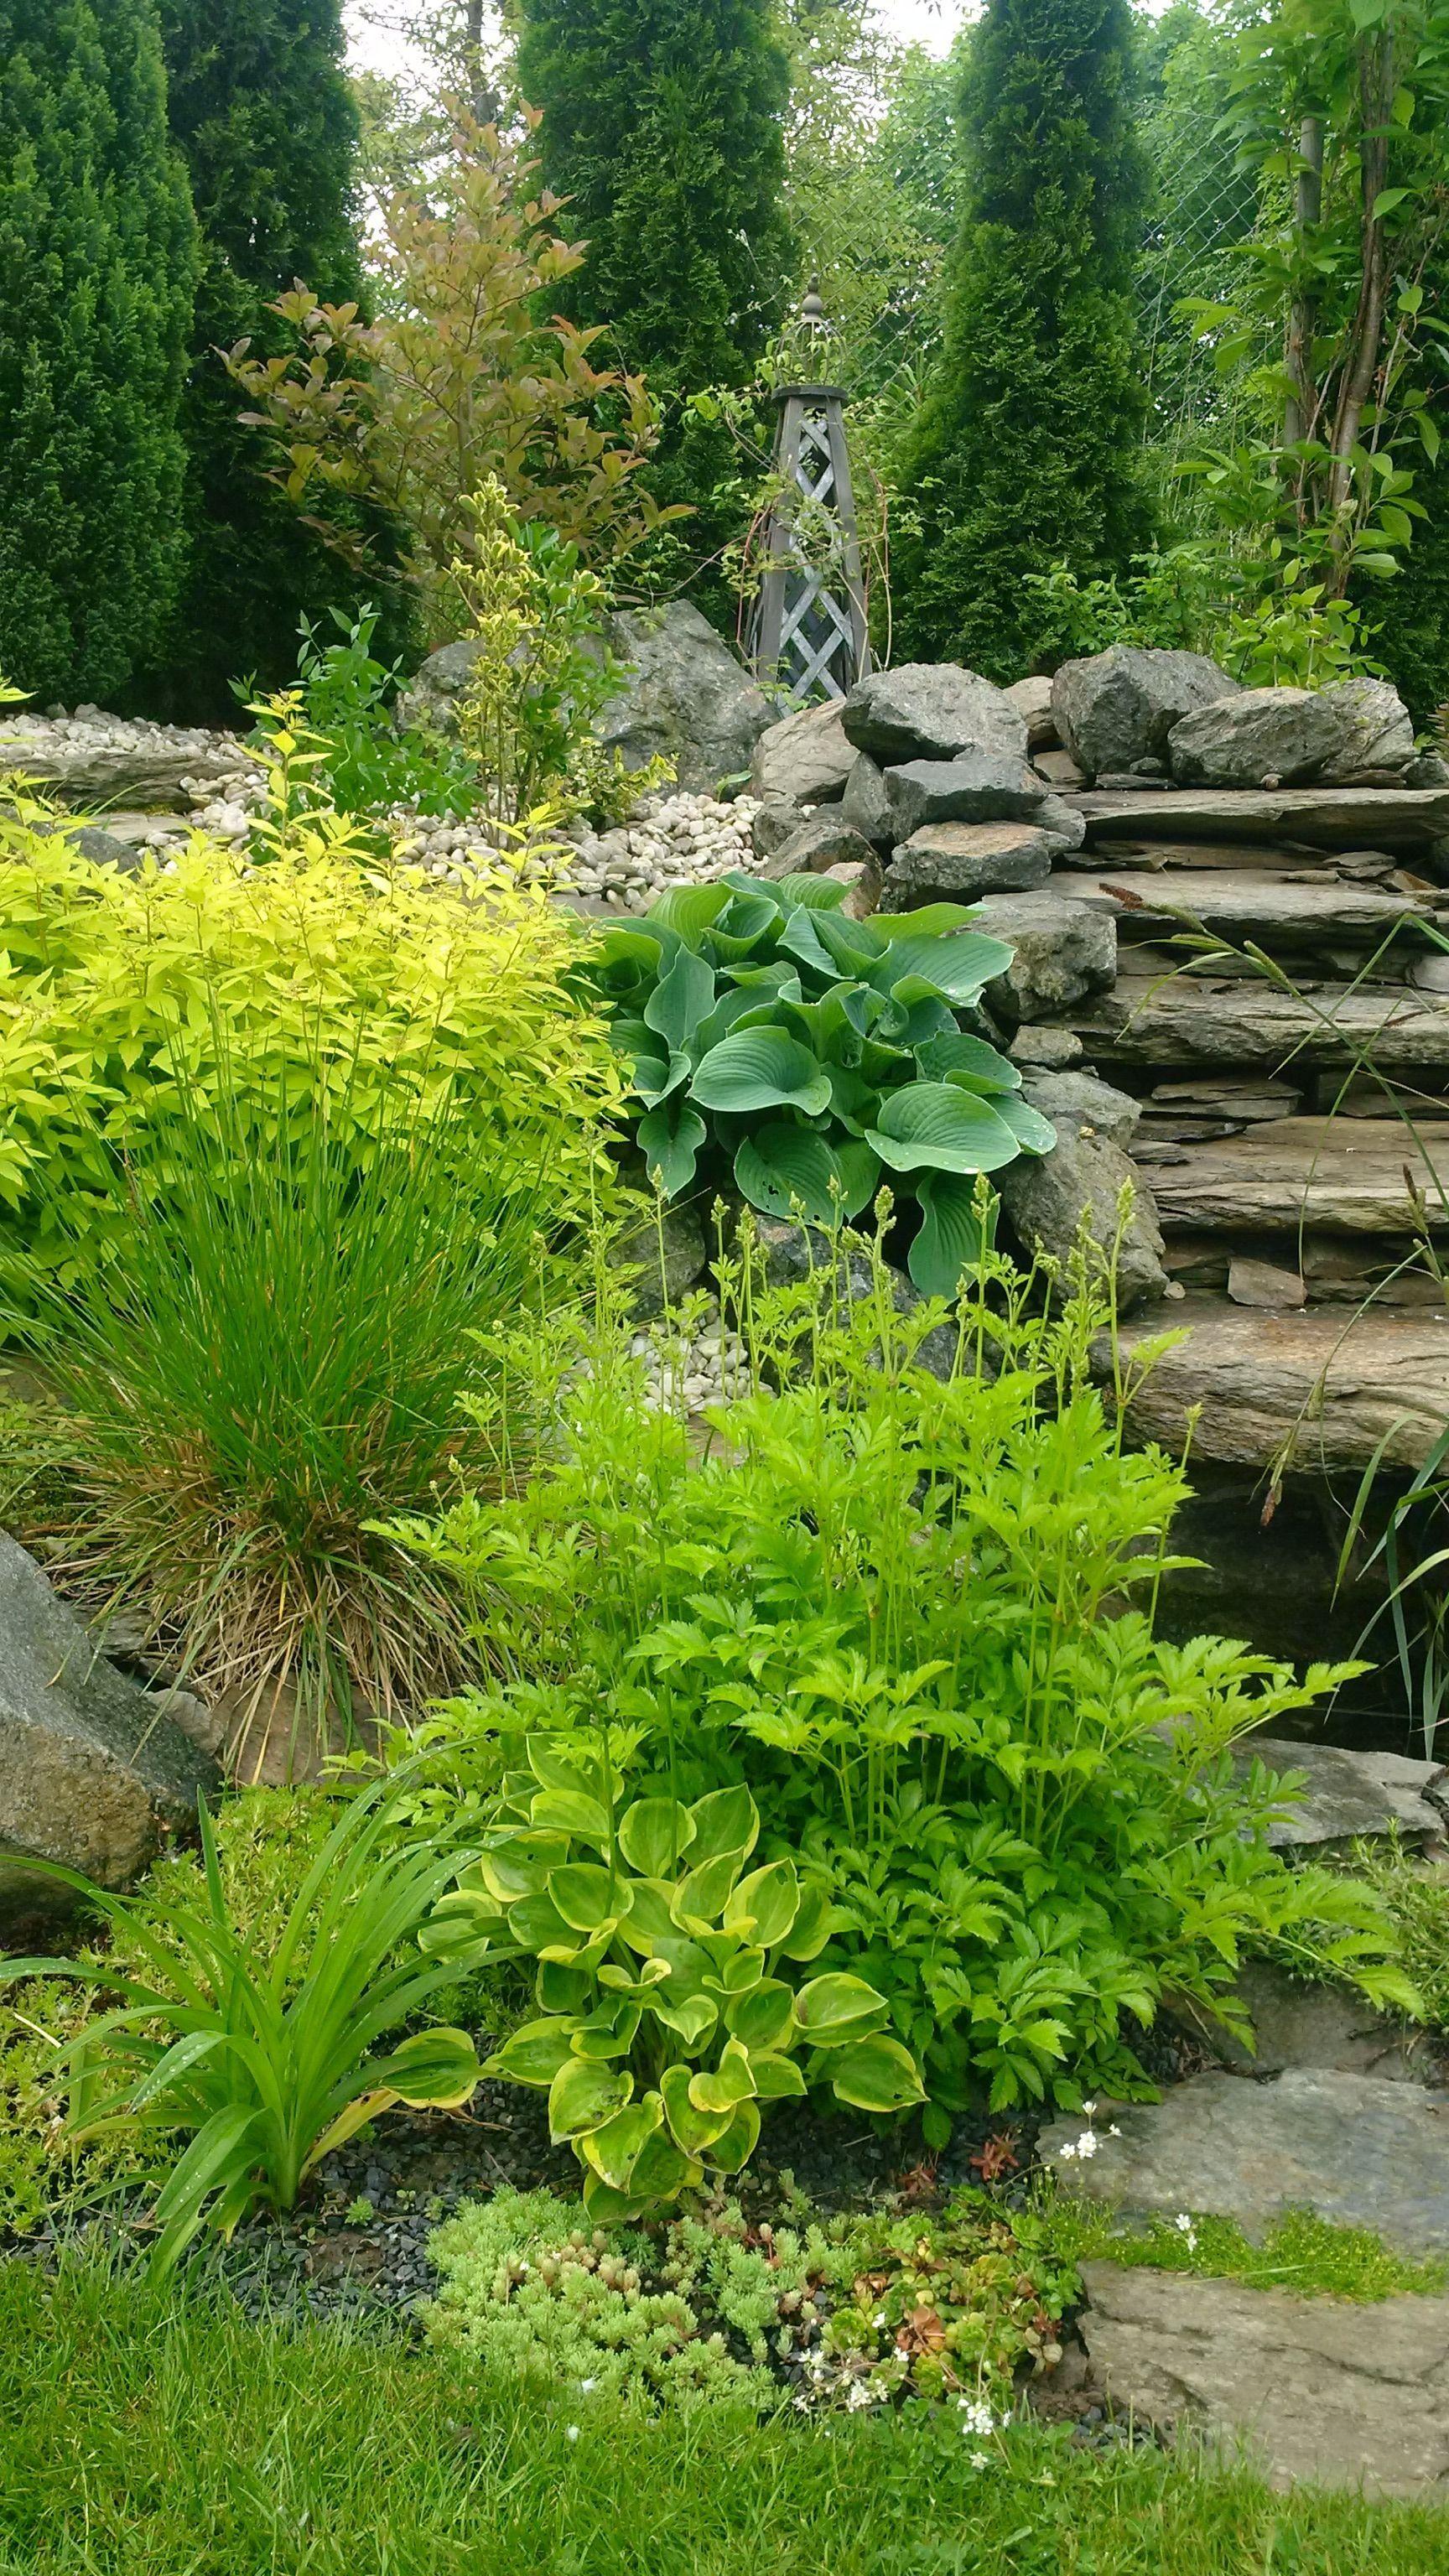 Pin Von Riina Tentemirova Auf Aed Gartenideen Garten Inside Hugel Bezuglich Hugel Im Garten Anlegen Garten Garten Anlegen Garten Ideen